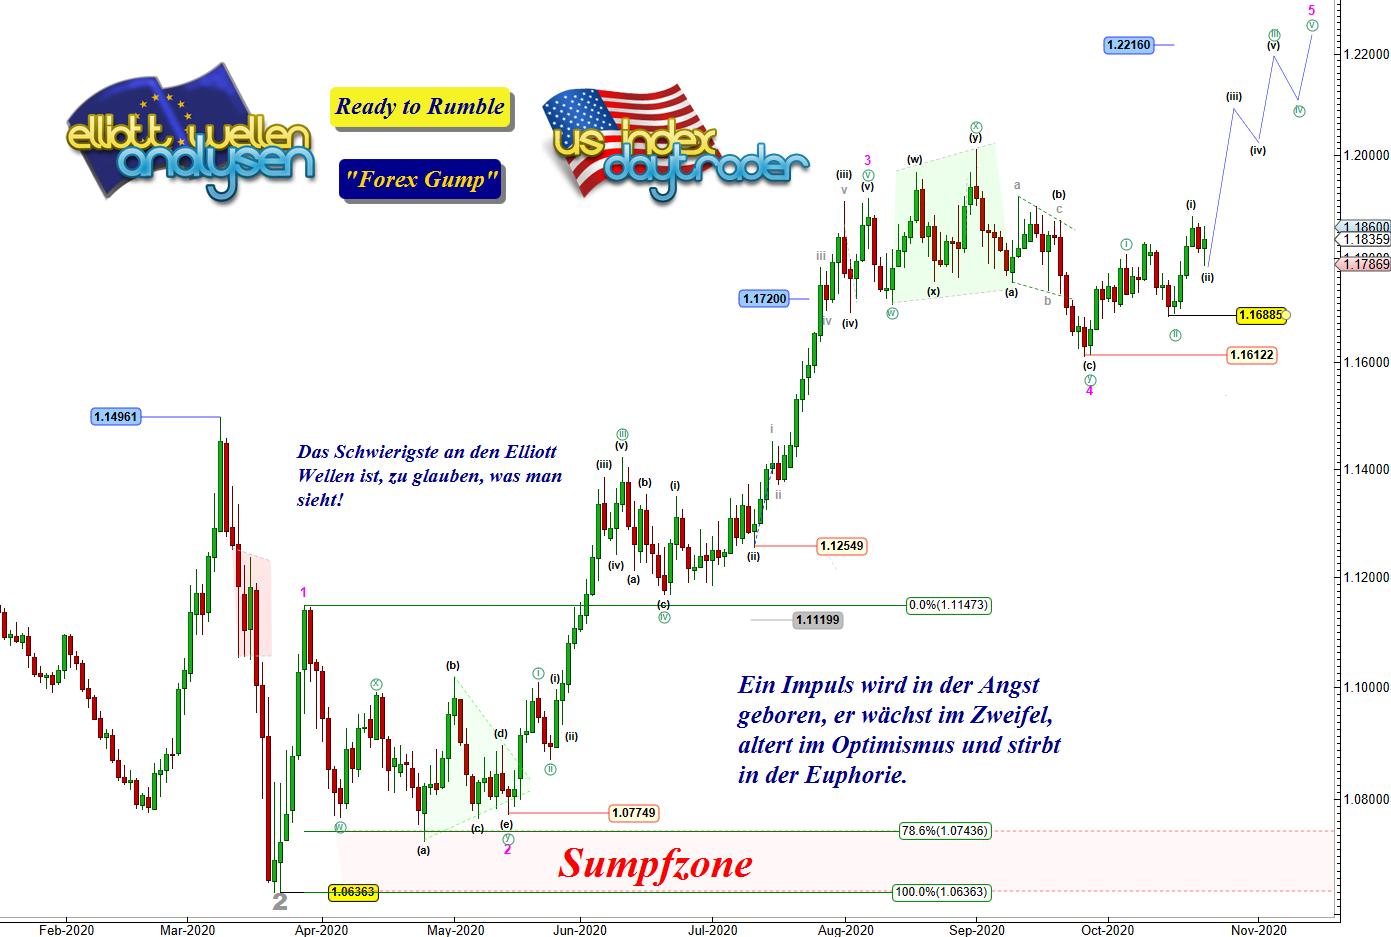 EW-Analyse-EUR-USD-Die-Bullen-packen-die-Chance-beim-Schopf-Chartanalyse-André-Tiedje-GodmodeTrader.de-1